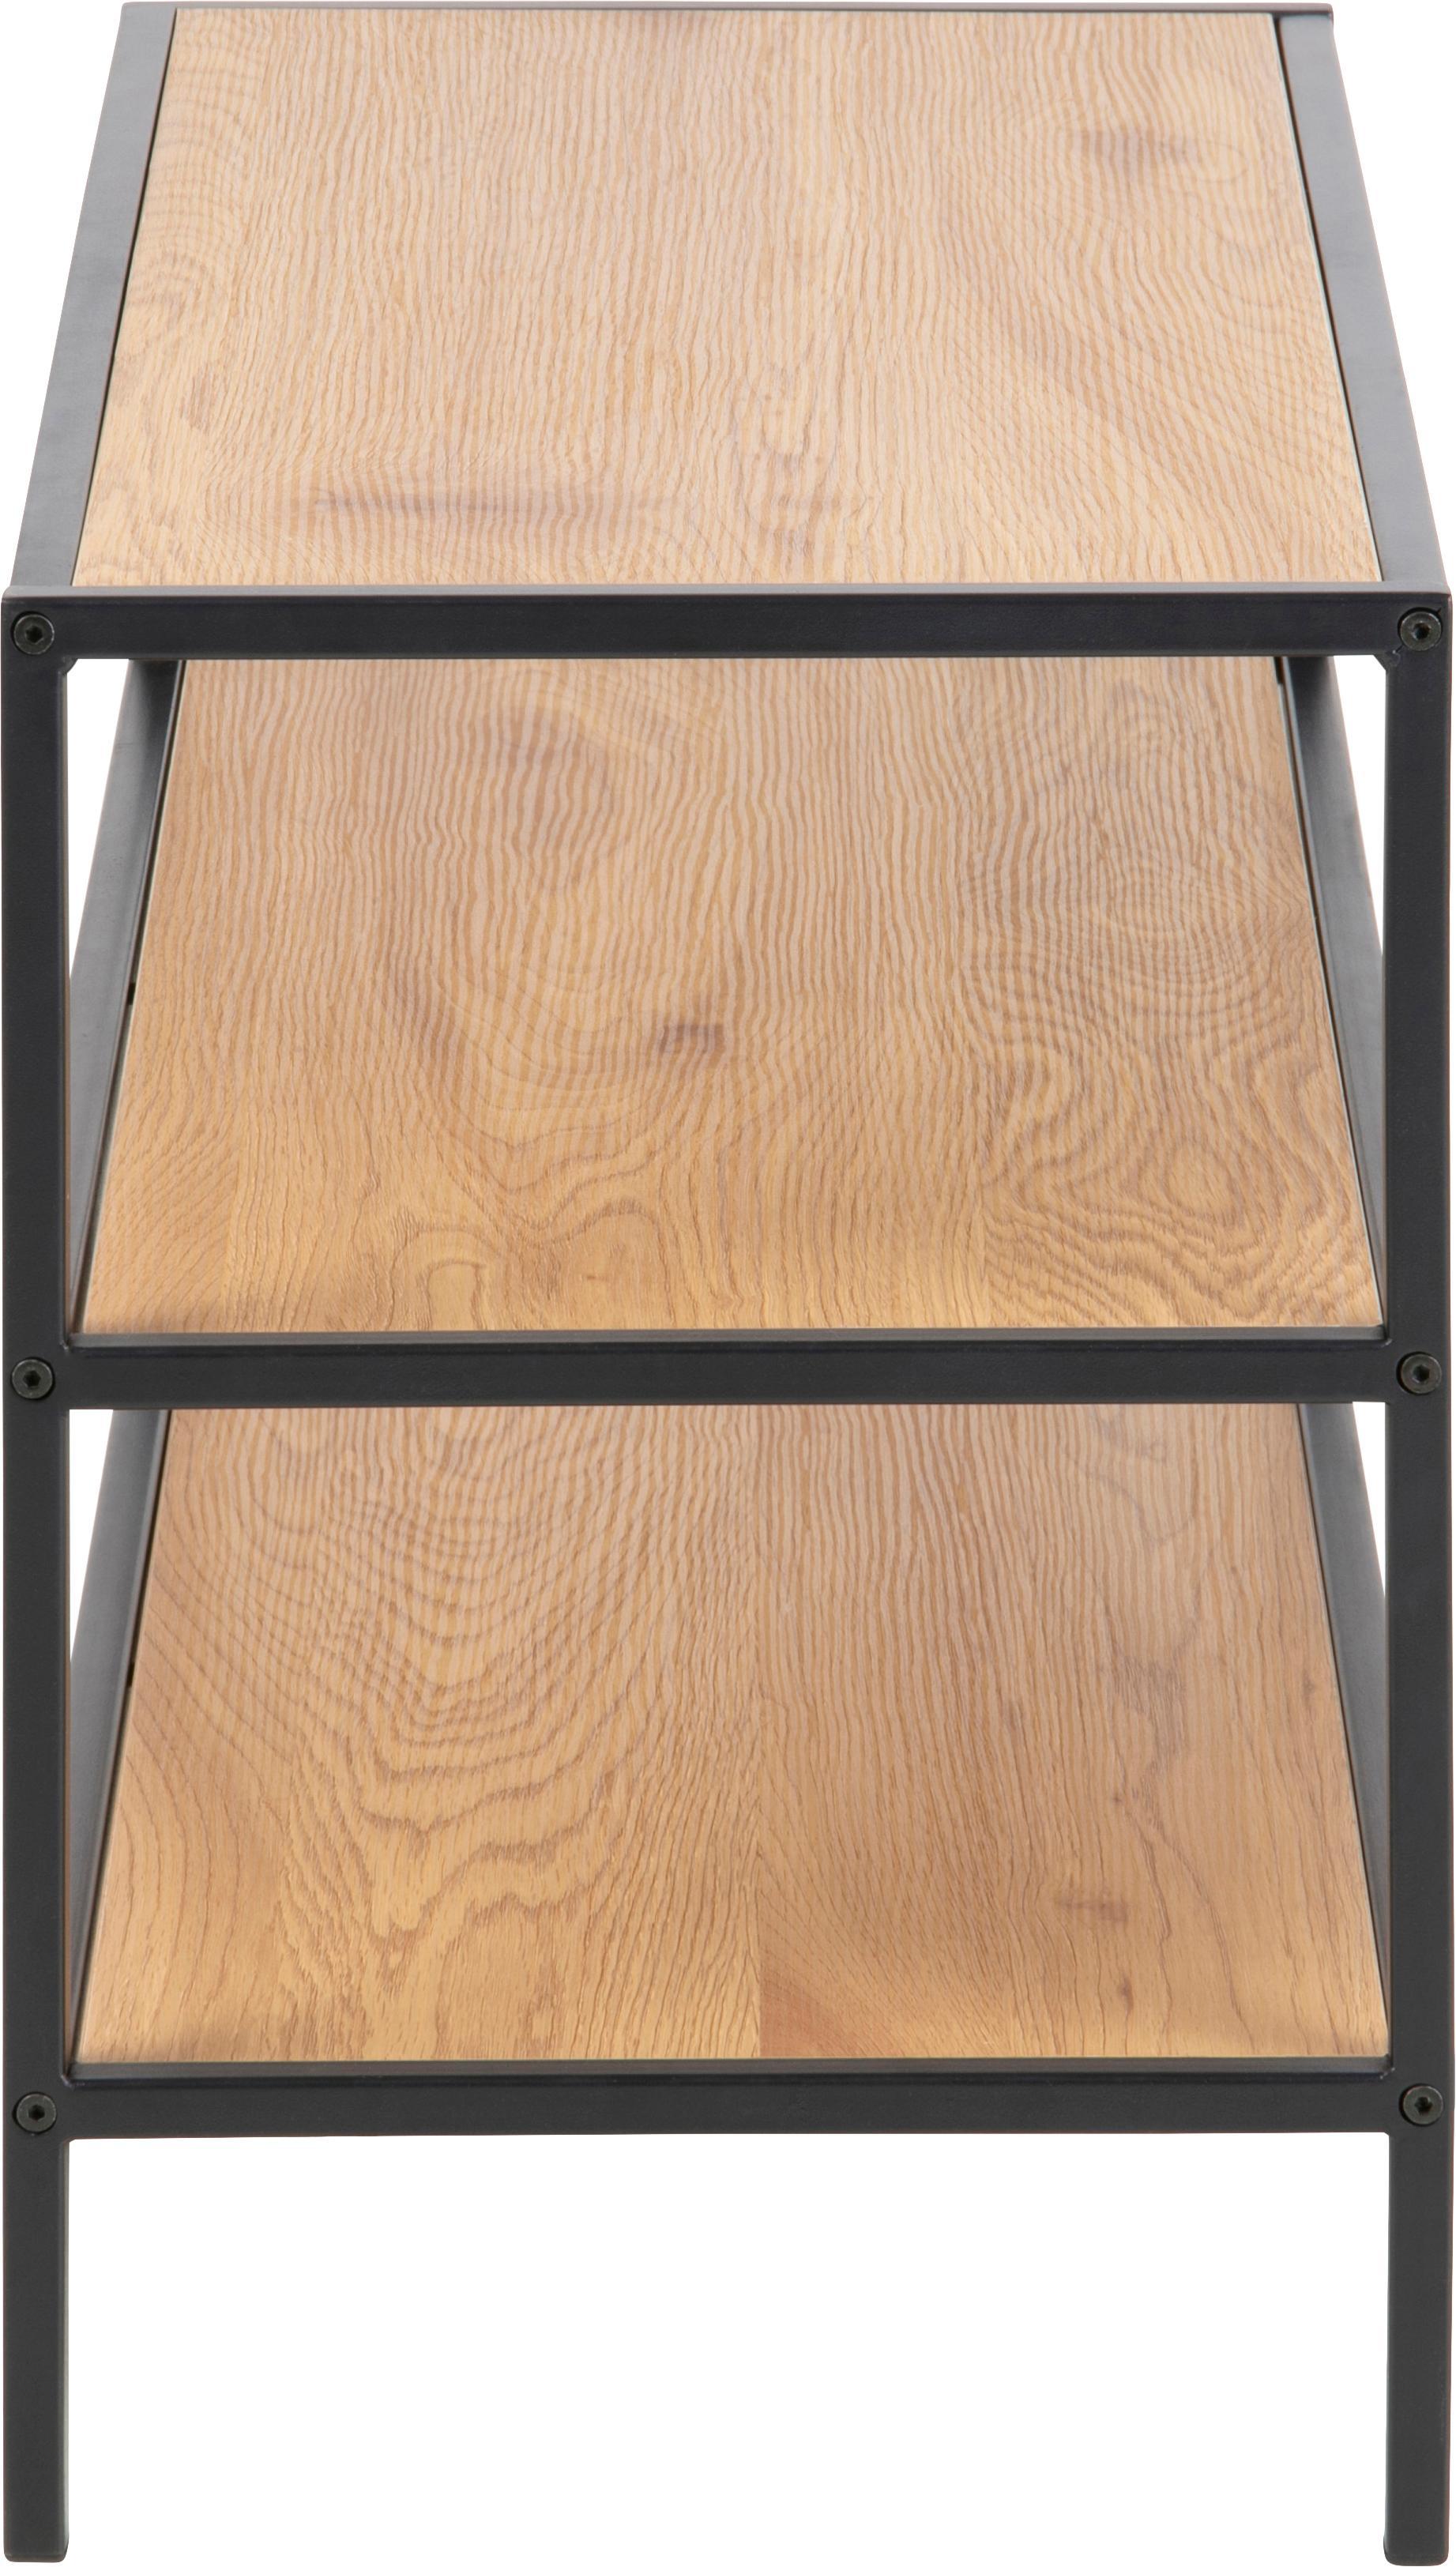 Schuhregal Seaford aus Holz und Metall, Gestell: Metall, pulverbeschichtet, Wildeichenholz, 77 x 50 cm